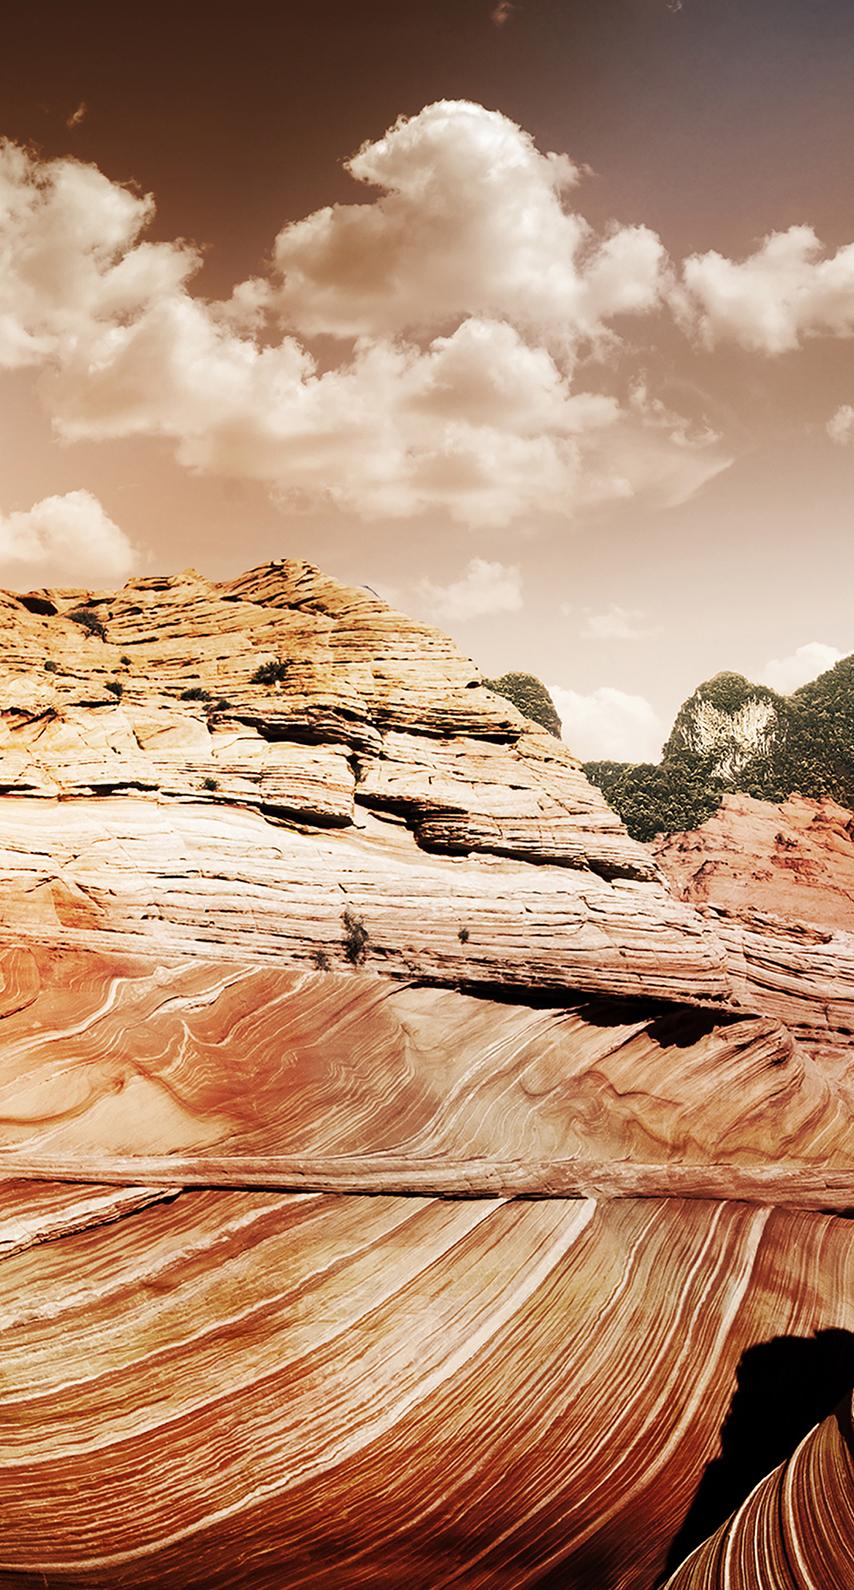 geology, dry